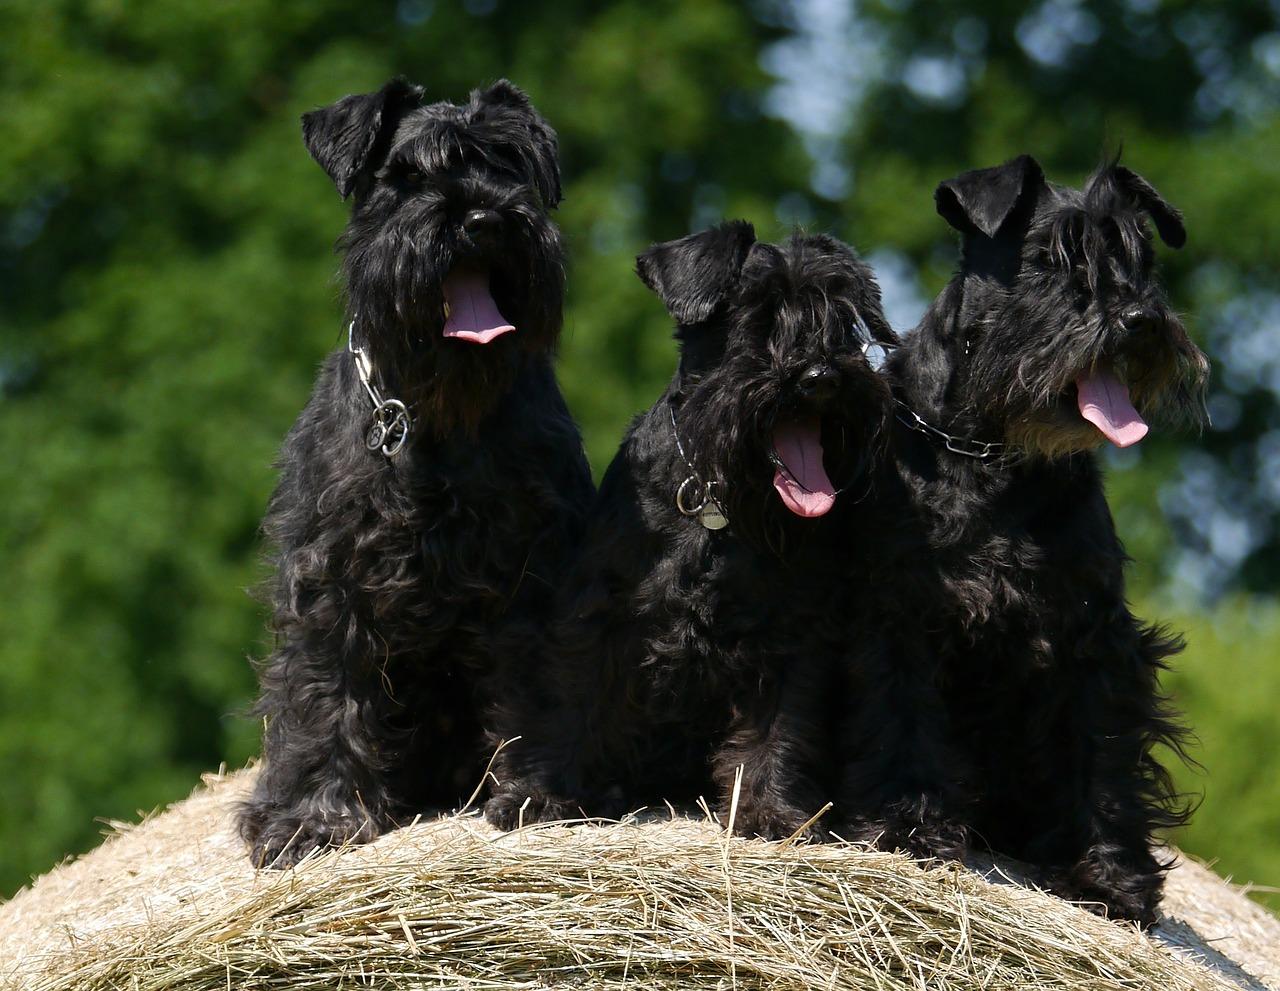 Trzy czarne sznaucery siedzą na stogu siana. Sznaucery wymagają regularnego trymowania.